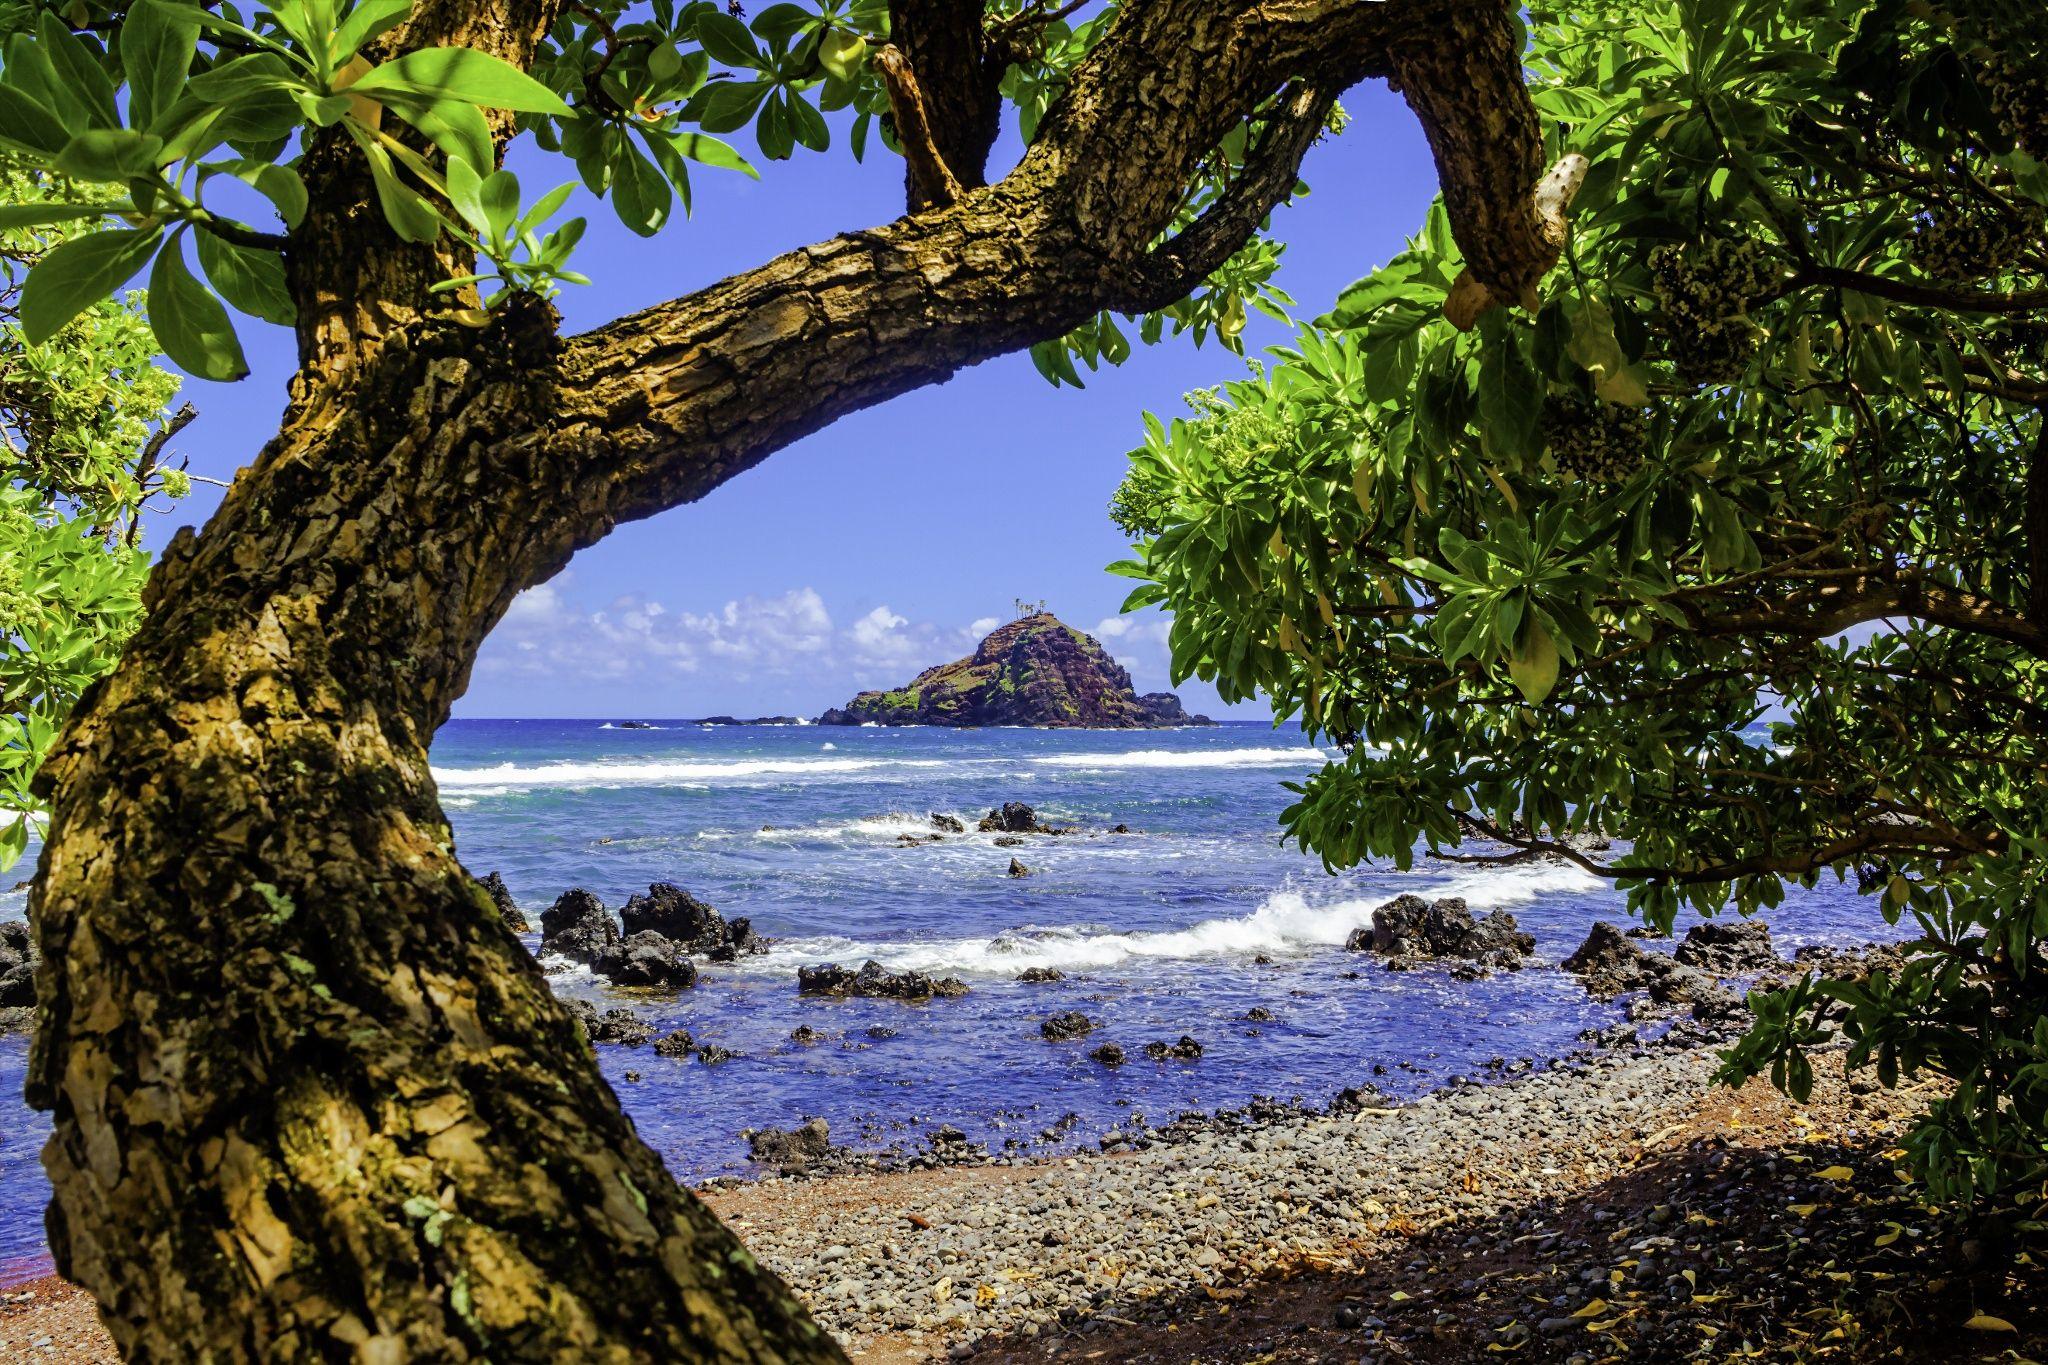 'Alau Island, Koki Beach, Hana, Maui Hawaii. by Leslie ...